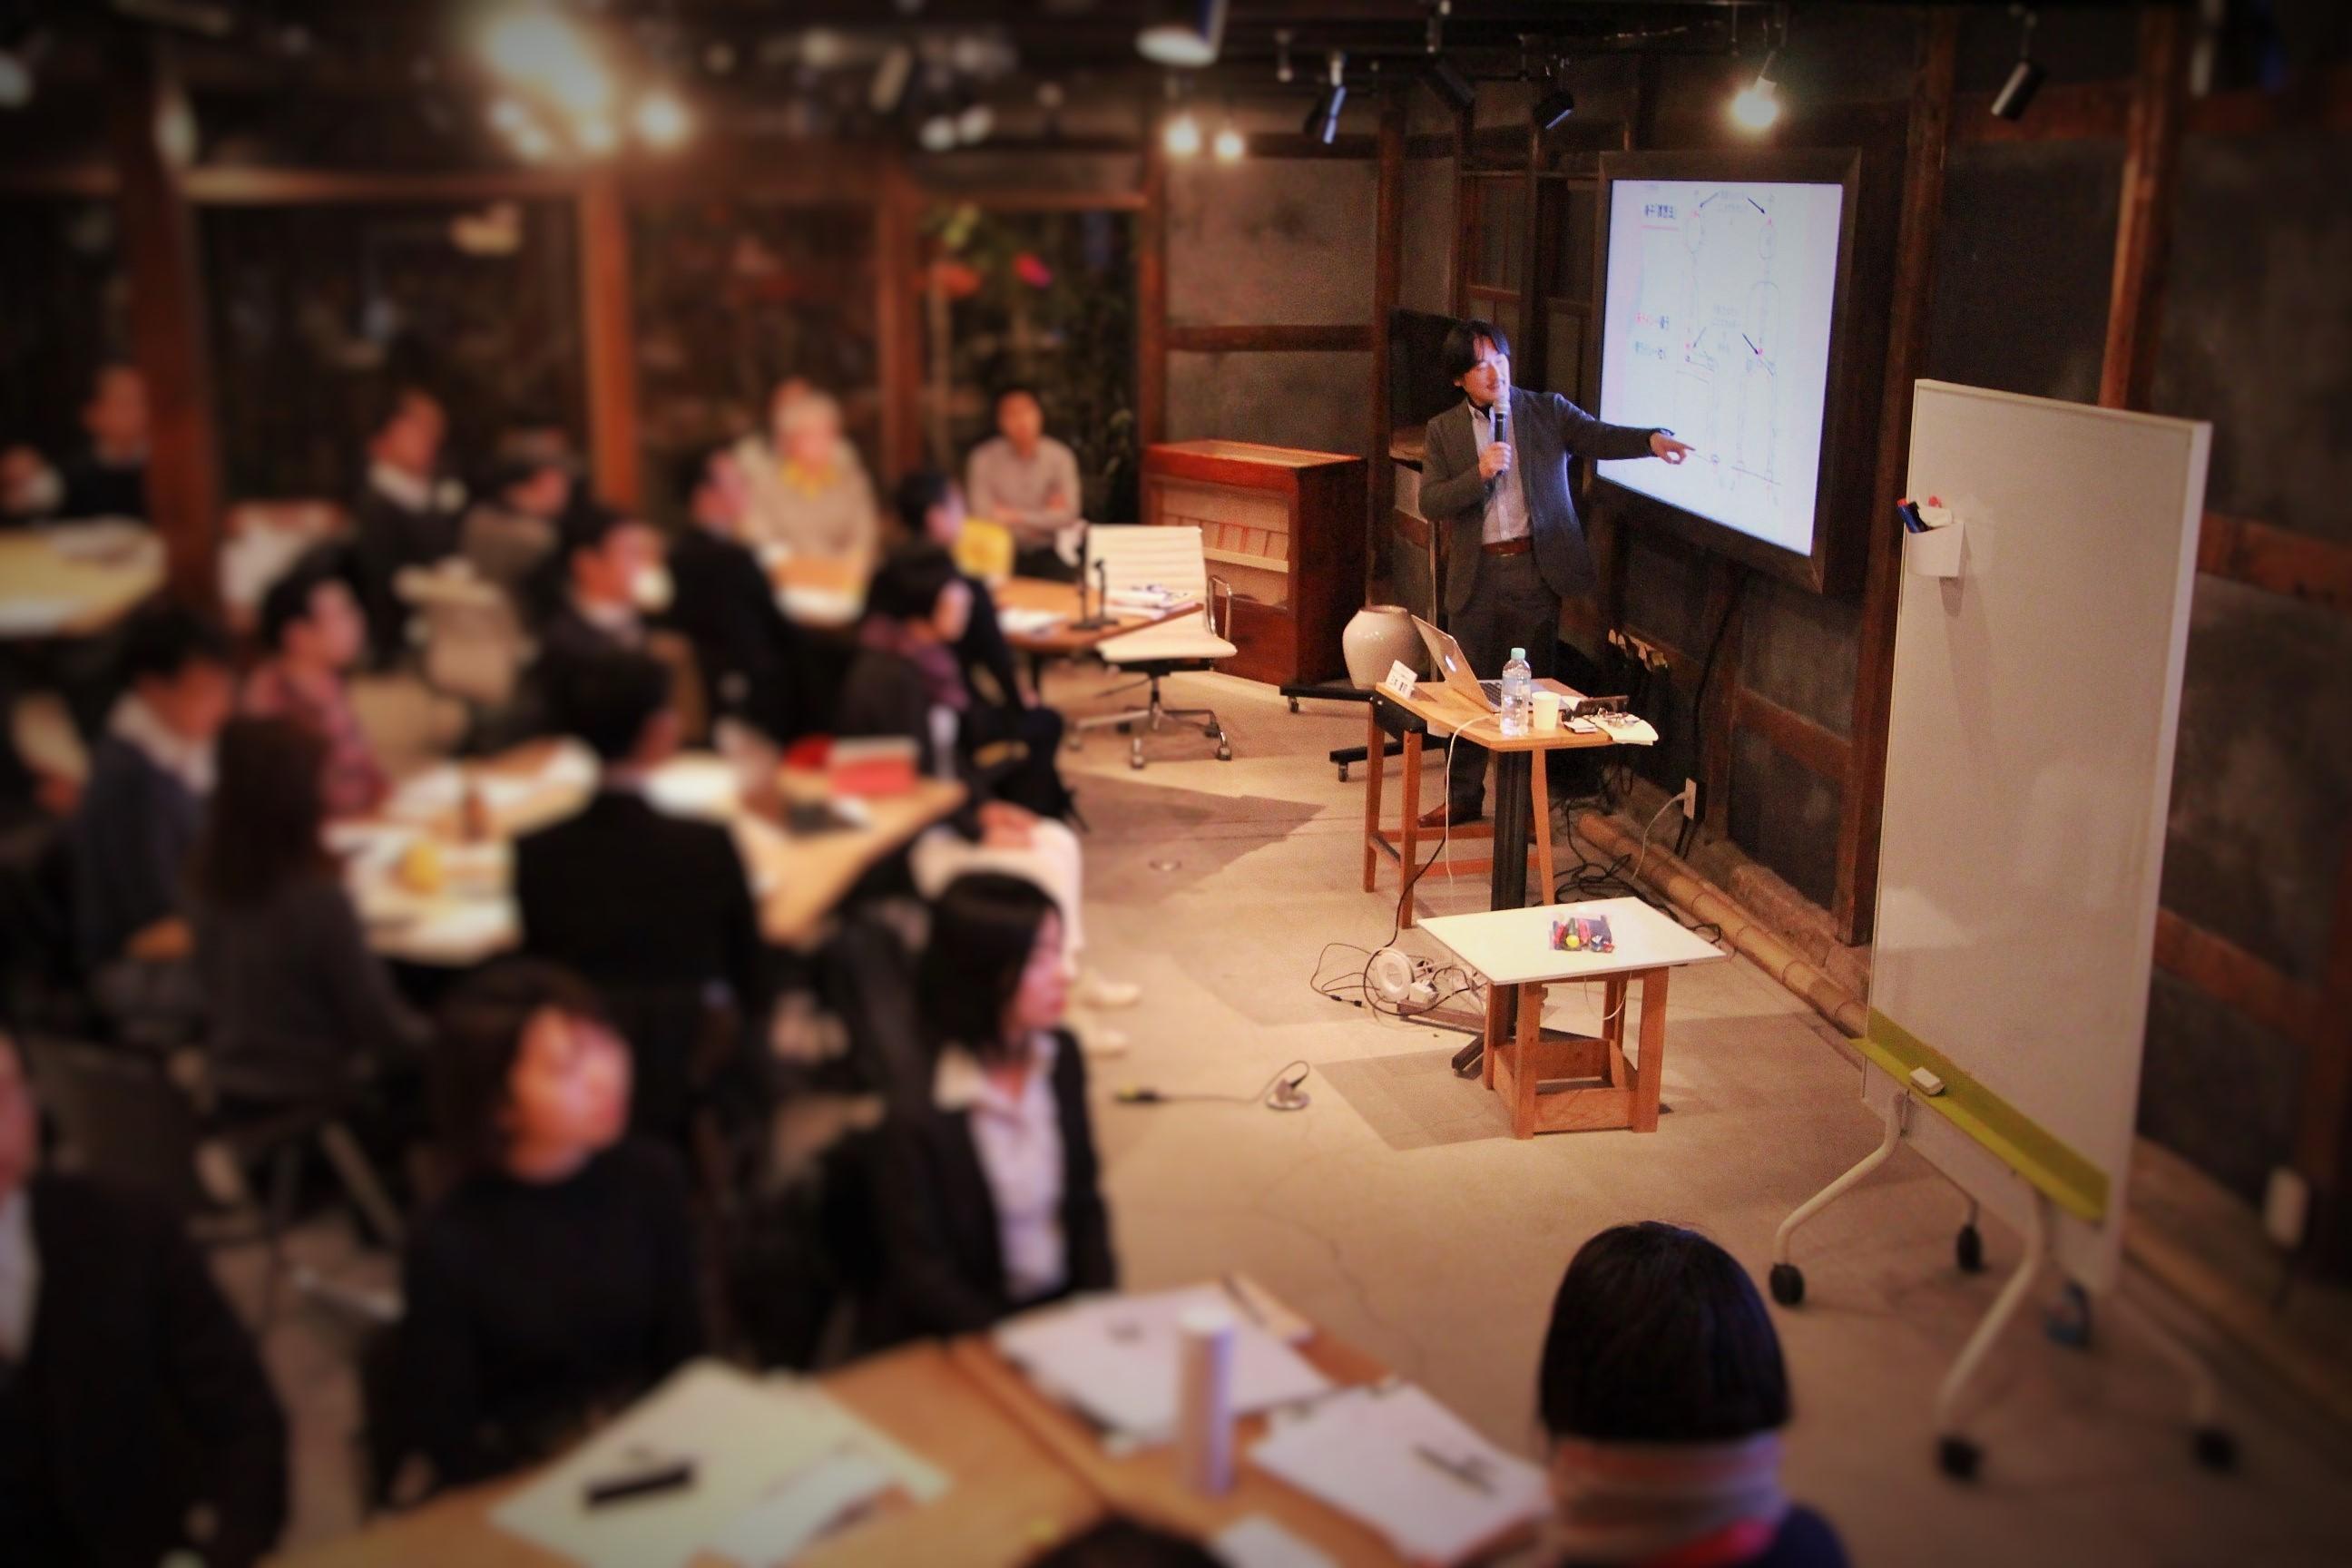 【レポート】トークセッション「イノベーションはワクワクするモノづくりから」